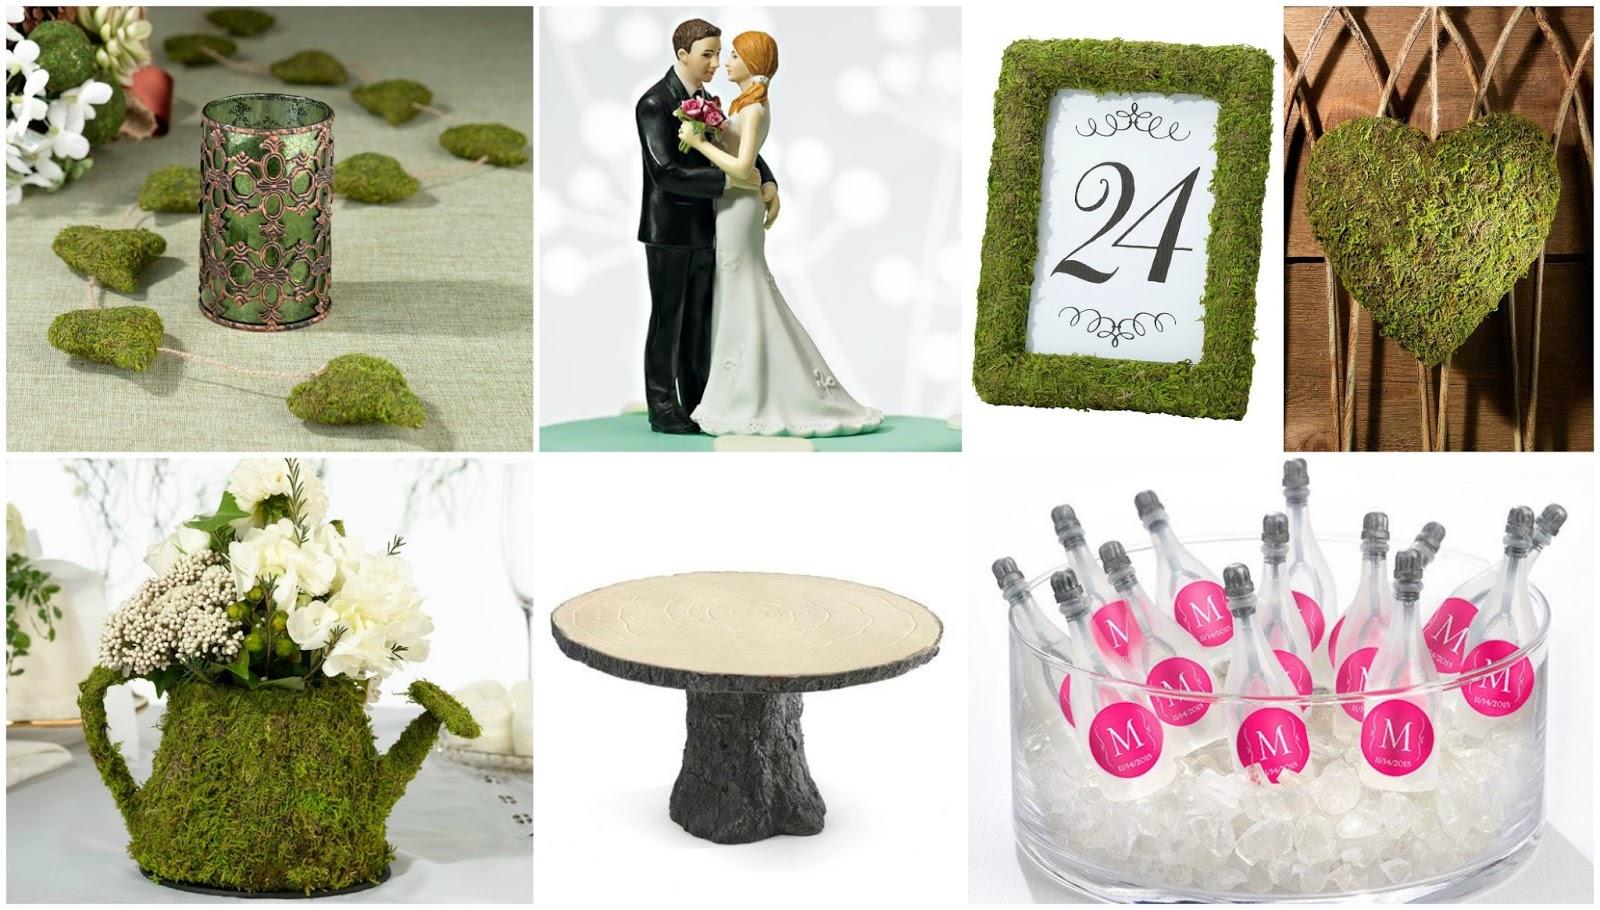 Creative Ideas For A Garden Themed Wedding